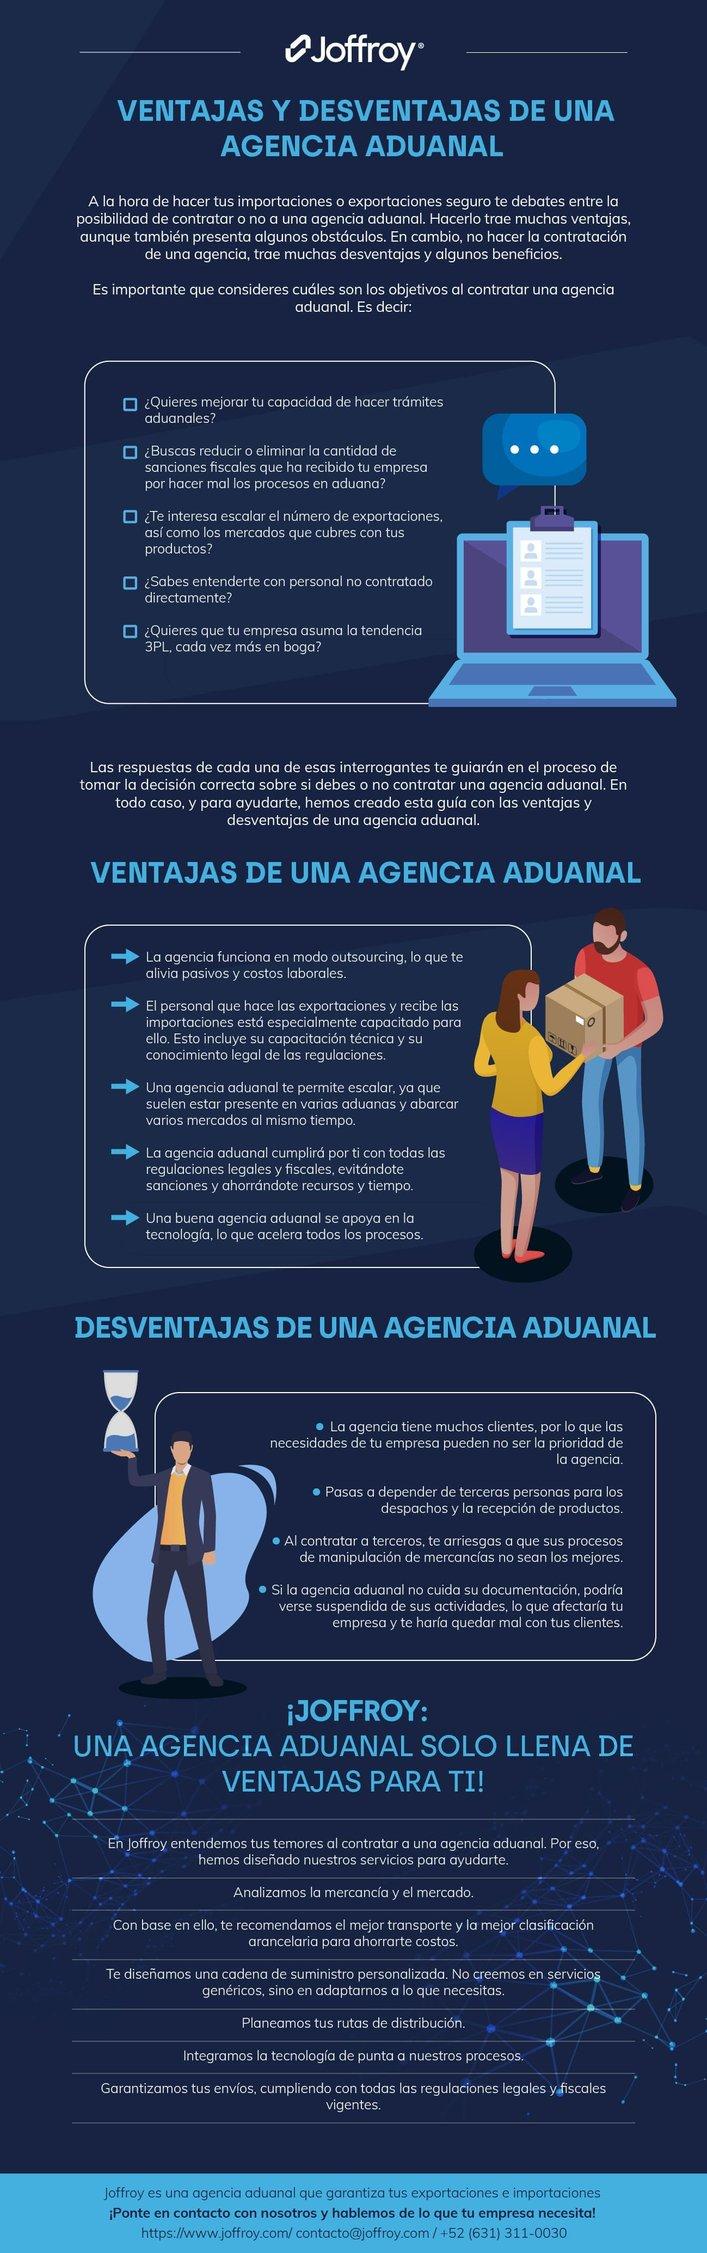 ventajas-y-desventajas-agencia-aduanal- infografia